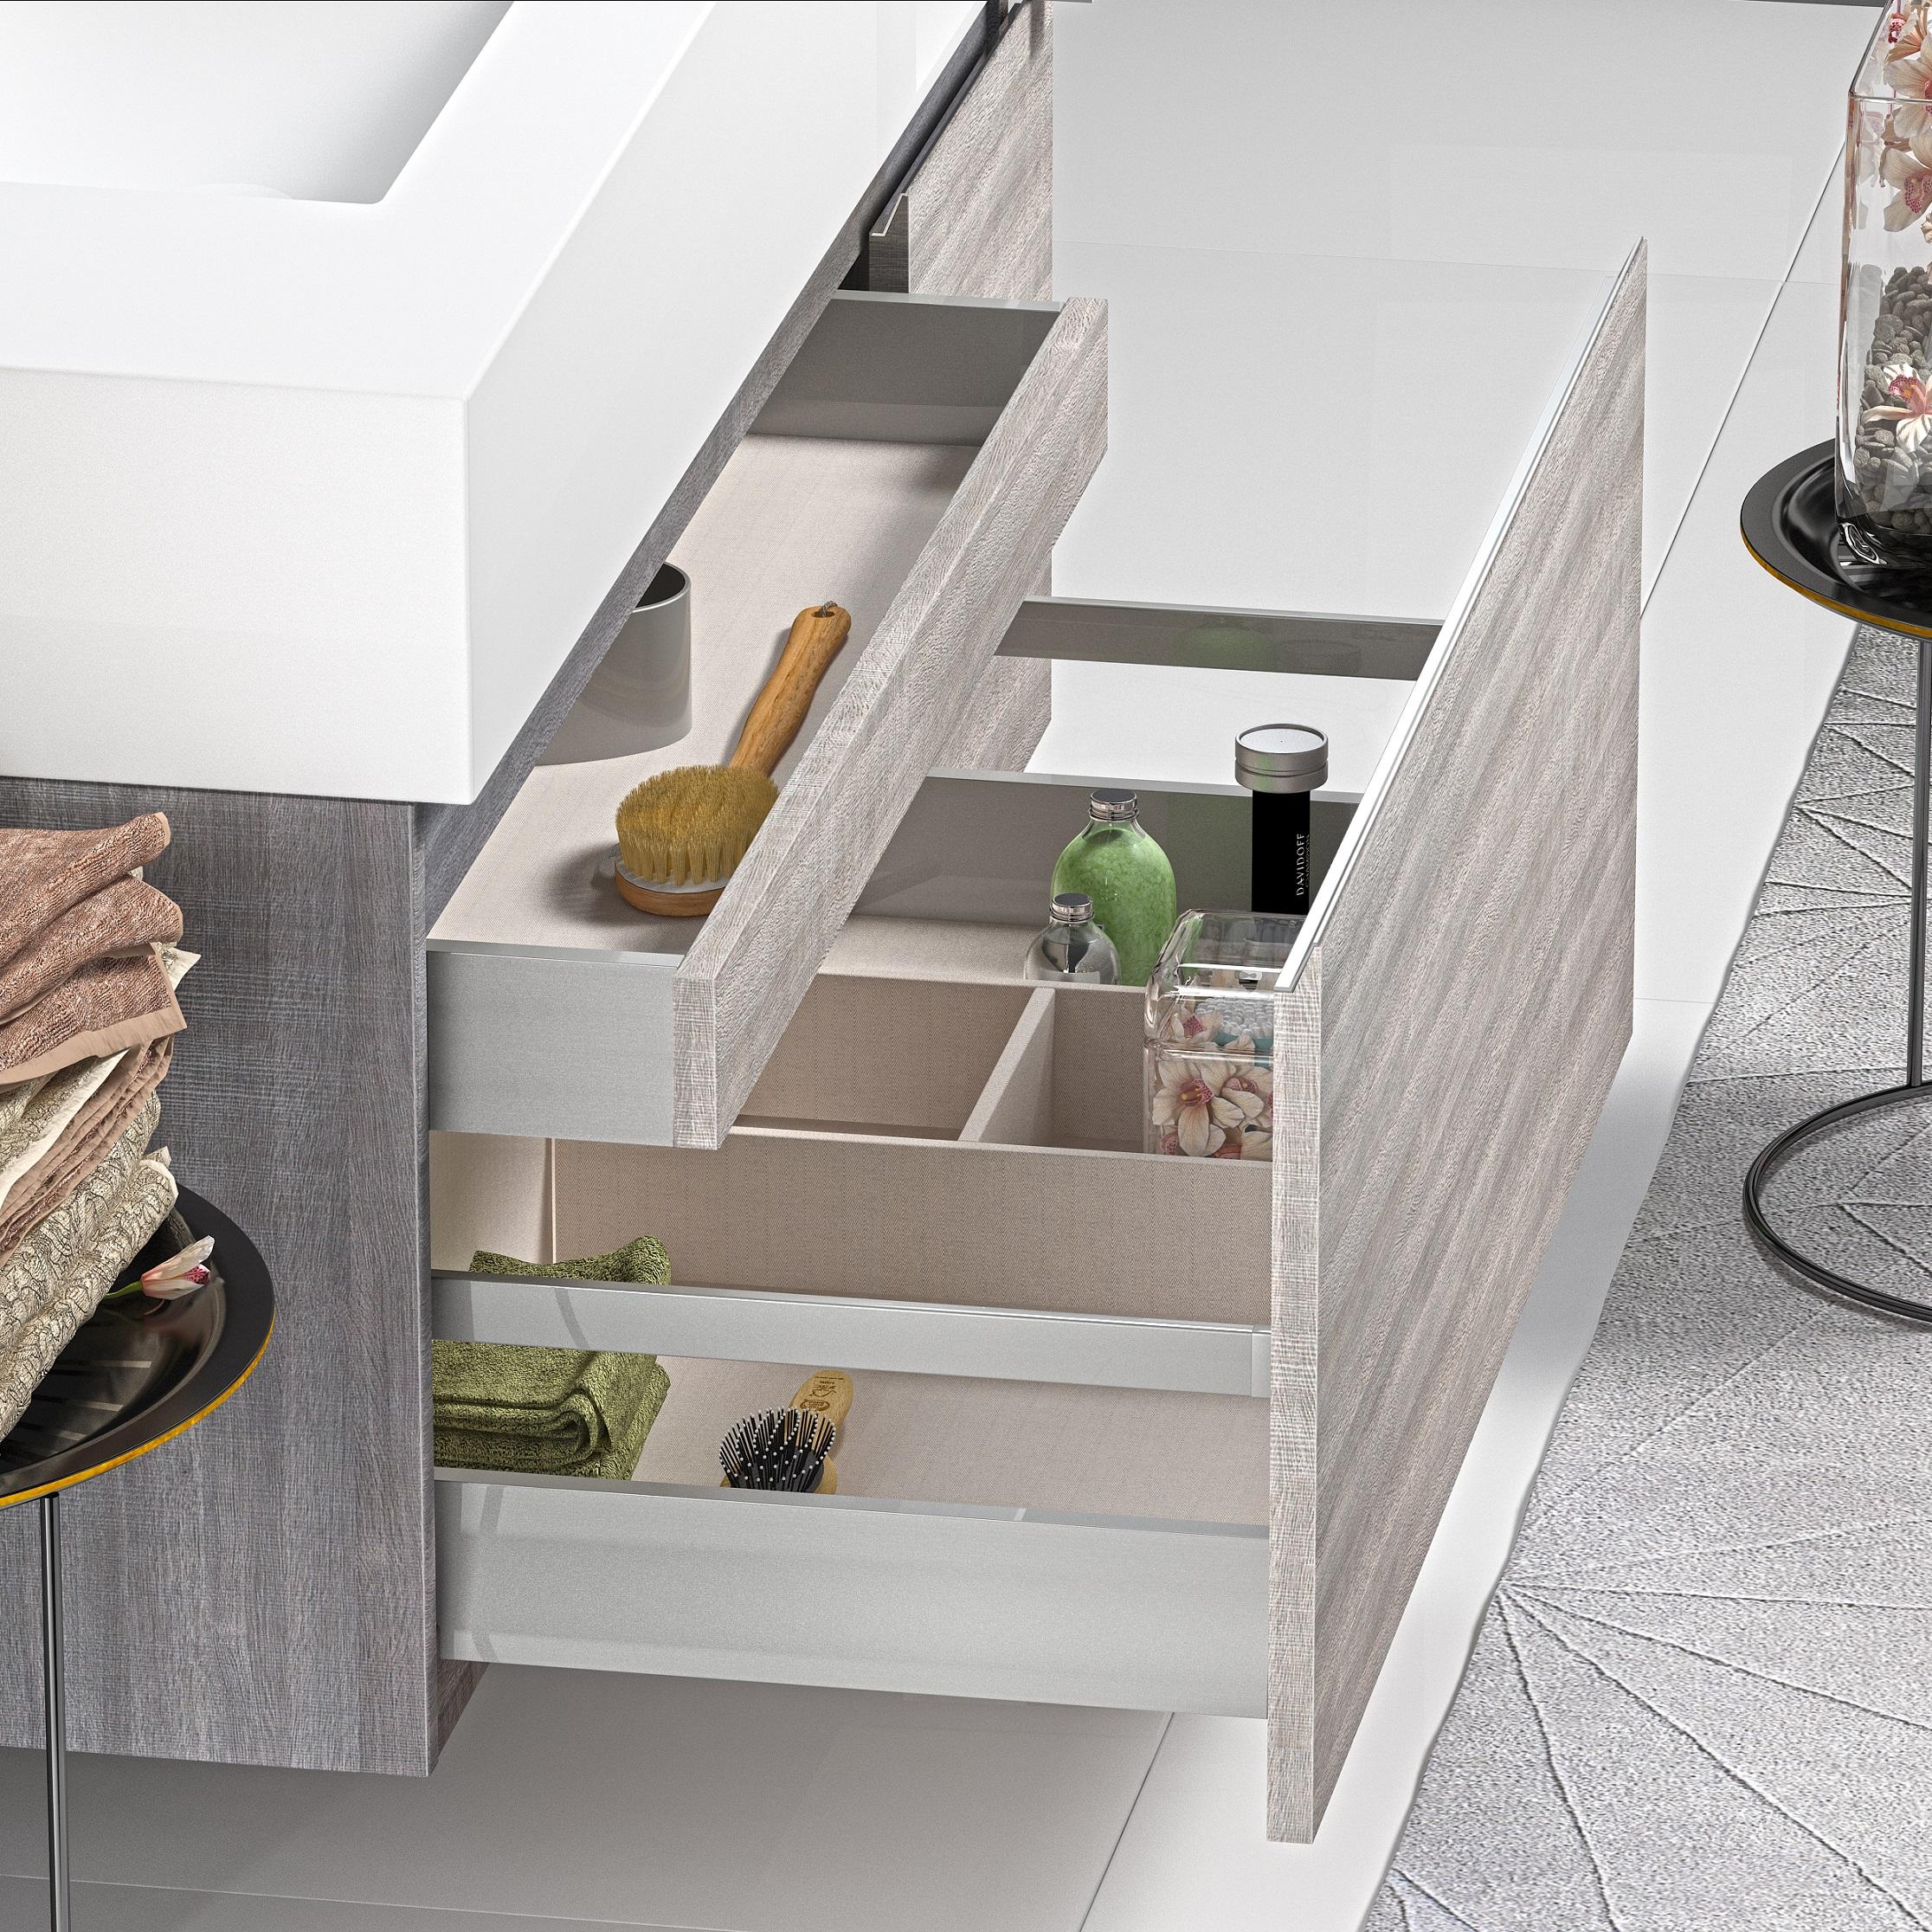 Comprar muebles ba o a medida en madrid - Comprar mueble de bano online ...